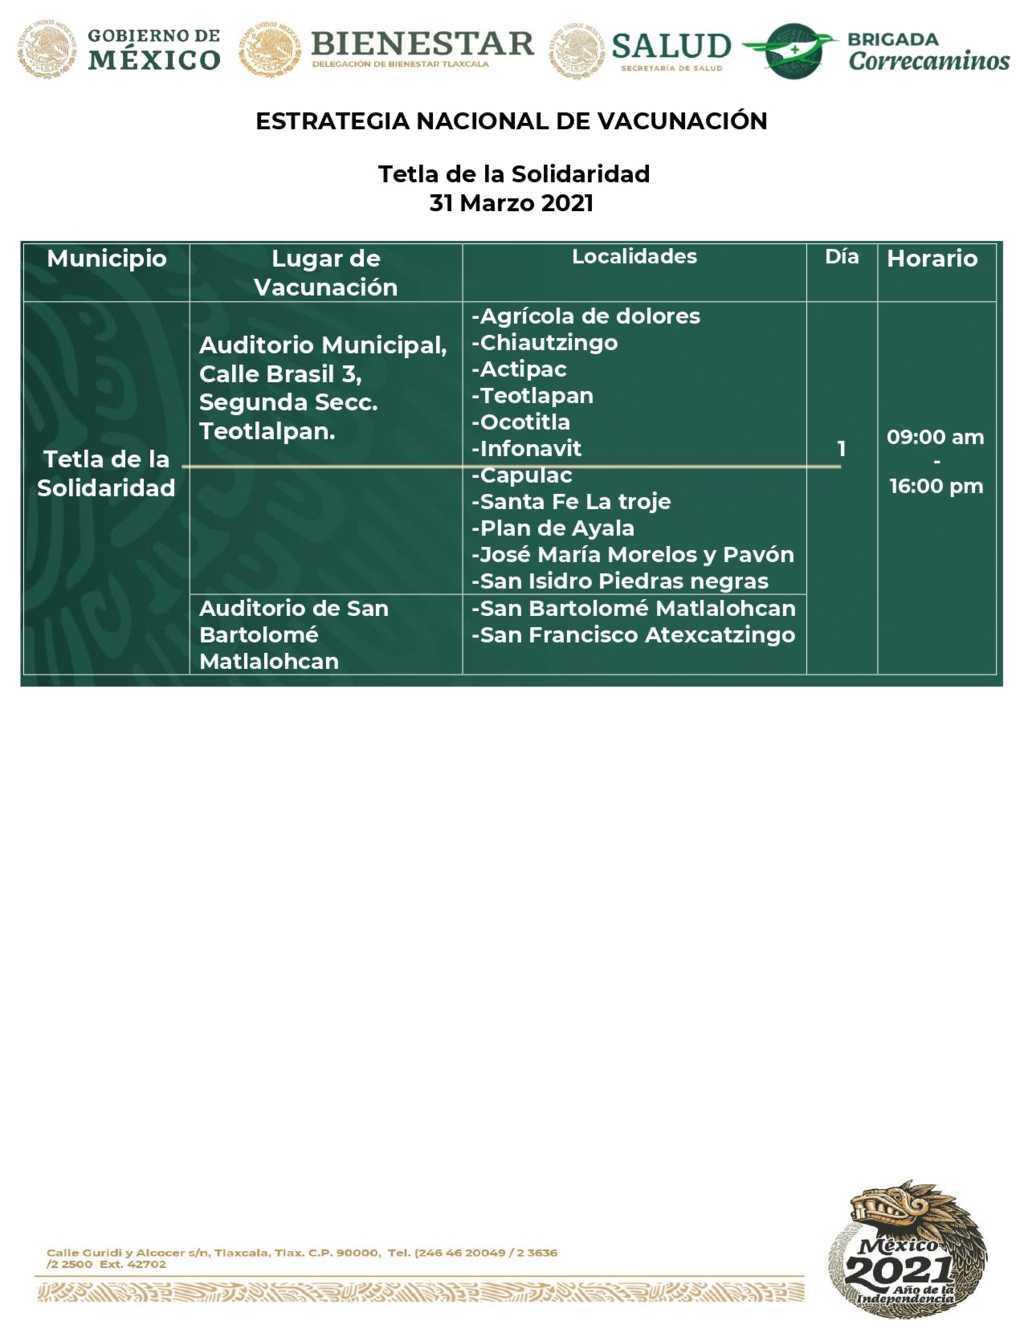 Aplicarán vacunas en Tlaxcala y Tela este miércoles